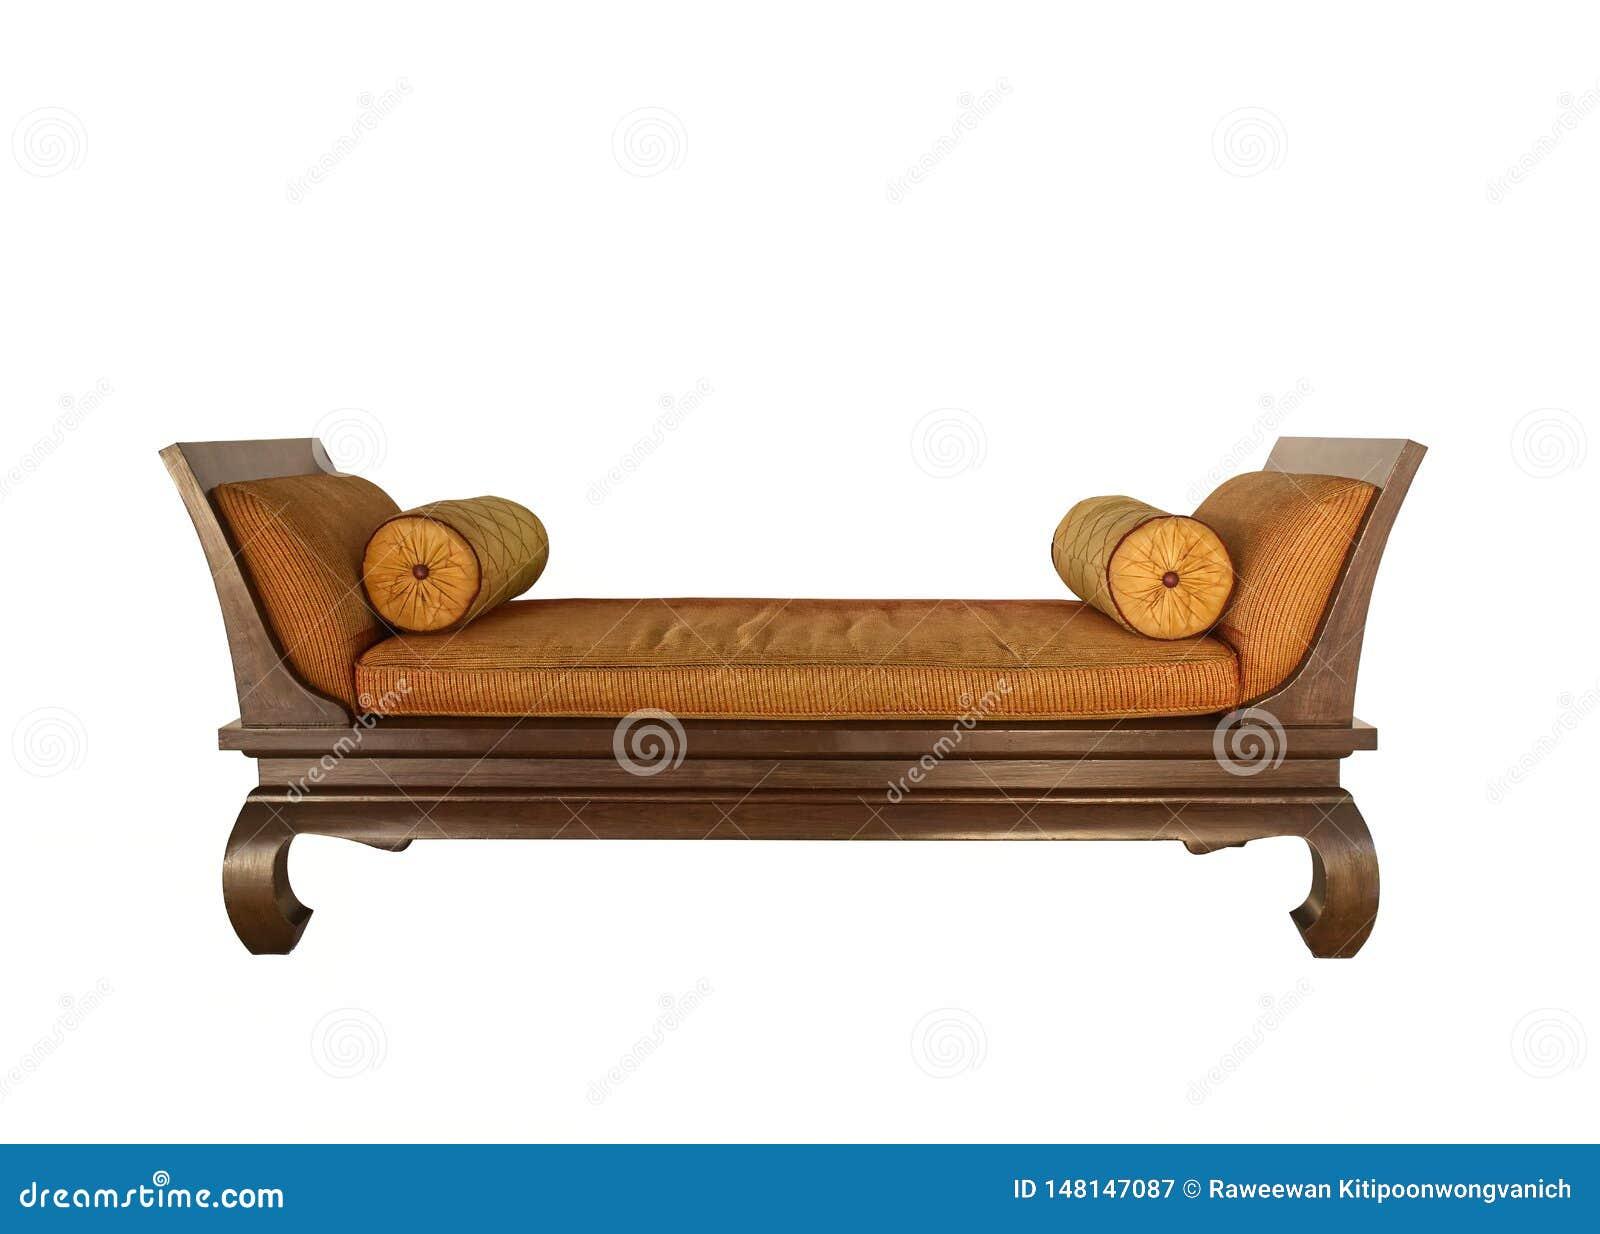 Cama antigua con la almohada de reclinación redonda del colchón, estilo tradicional tailandés Aislado en blanco